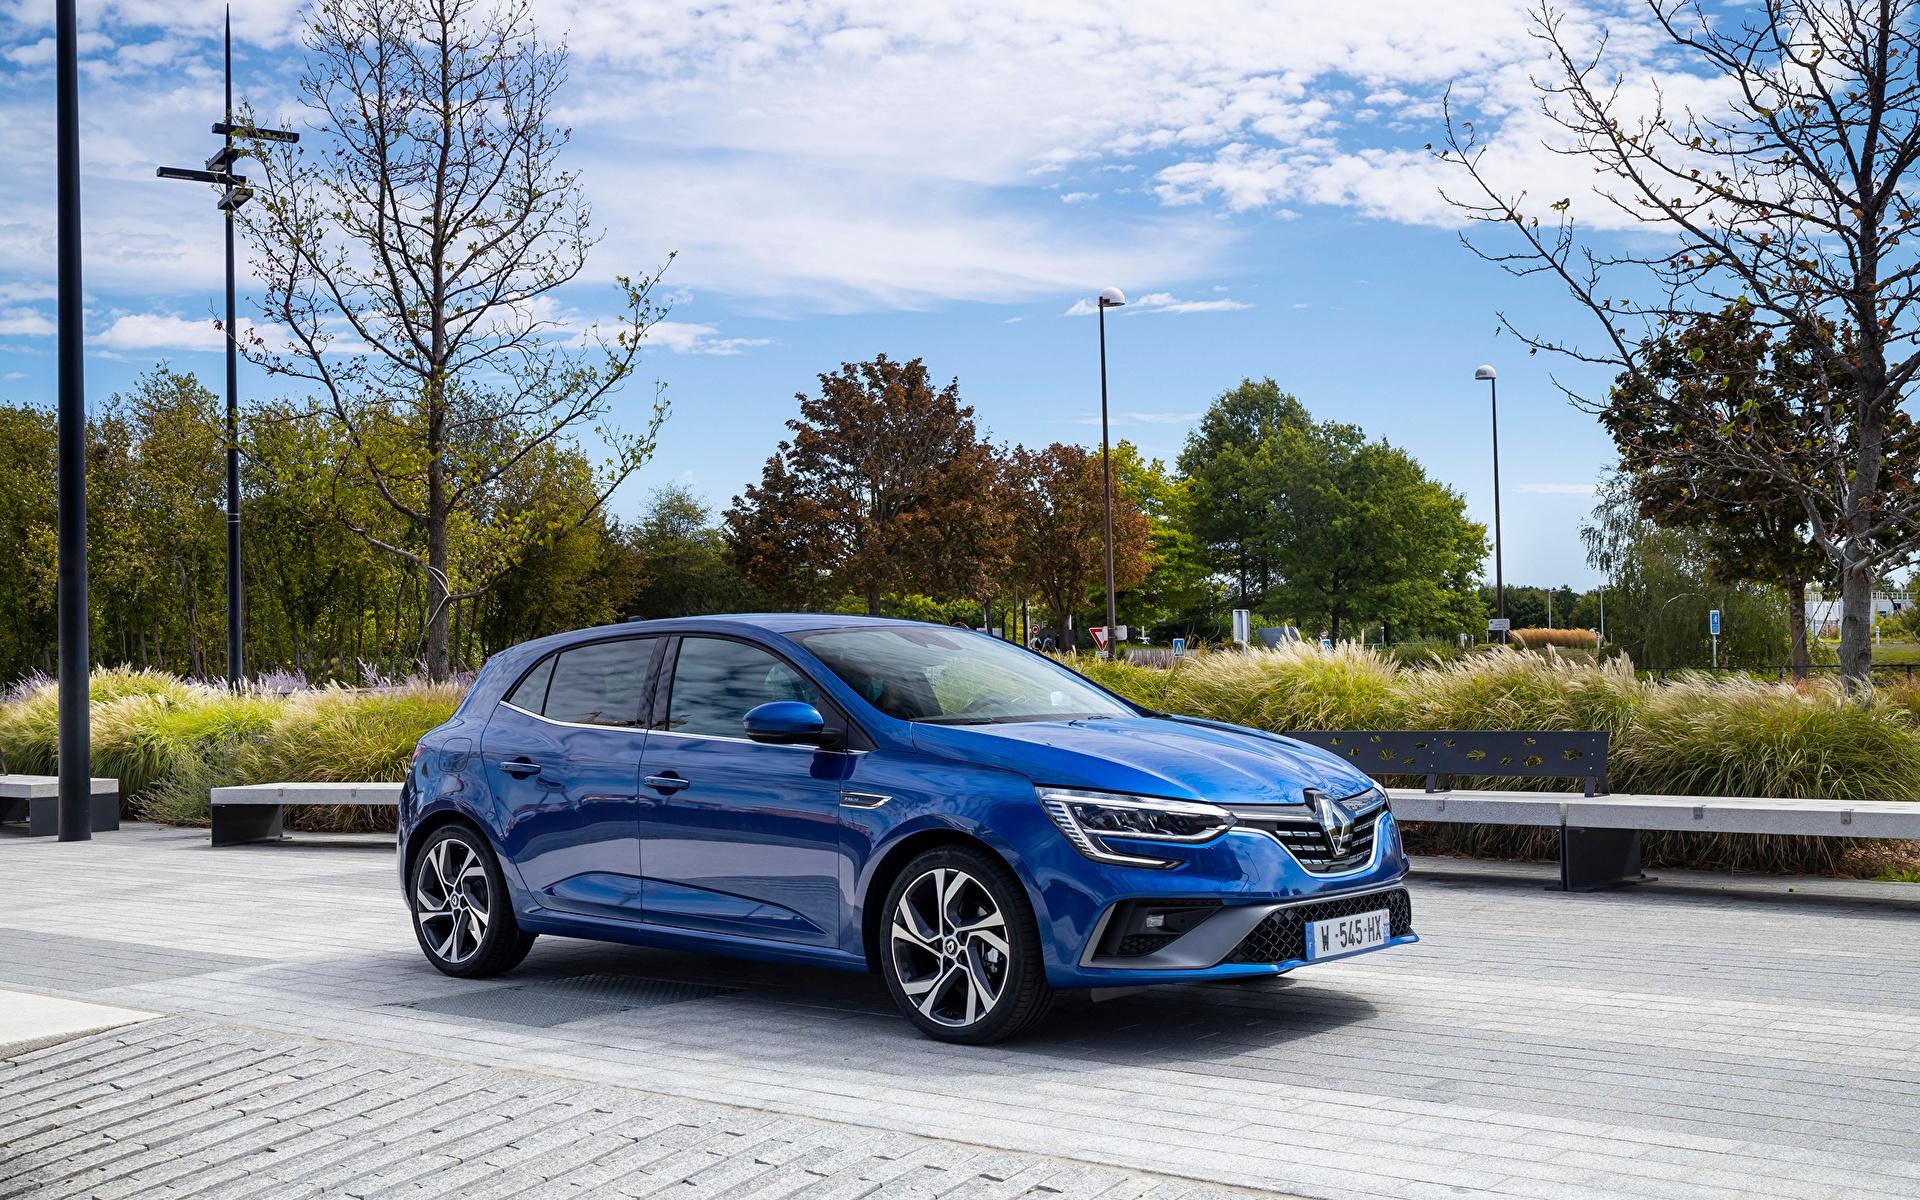 Фотография Renault Megane R.S. Line, 2020 синих Металлик Автомобили 1920x1200 Рено синяя синие Синий авто машины машина автомобиль